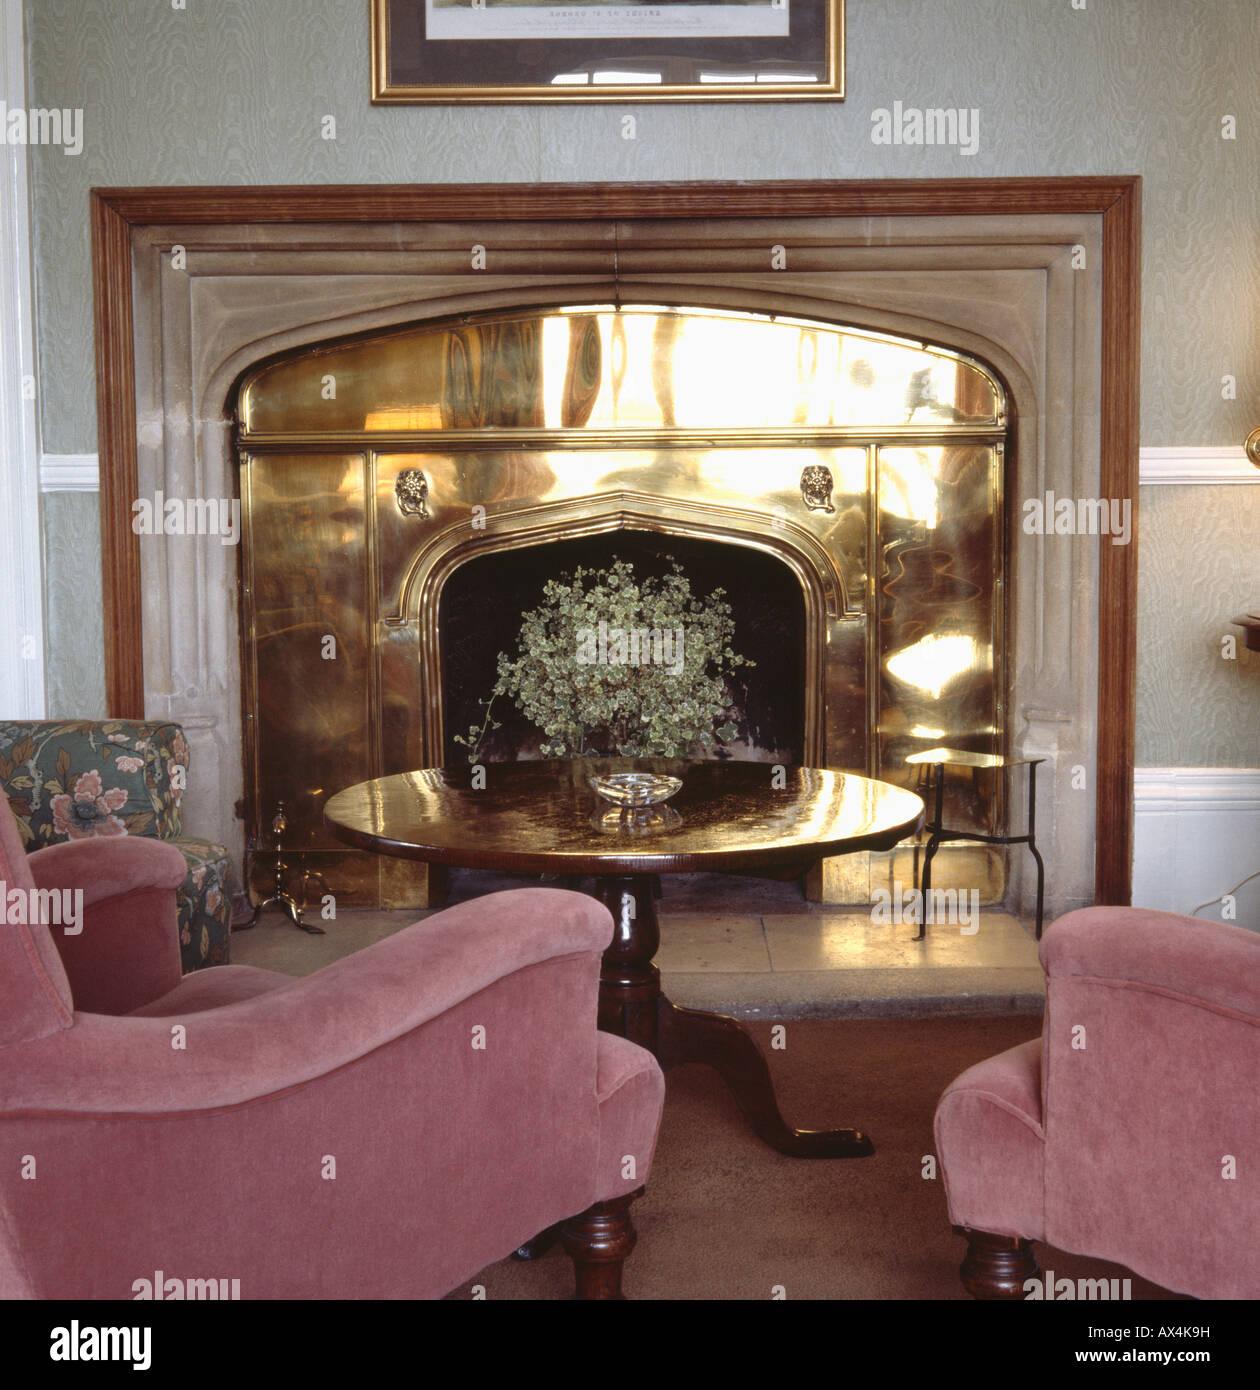 Kupfer Jugendstil Kamin Und Antiken Tisch Im Wohnzimmer Mit Rosa Velour Viktorianischen Sessel Der Achtziger Jahre